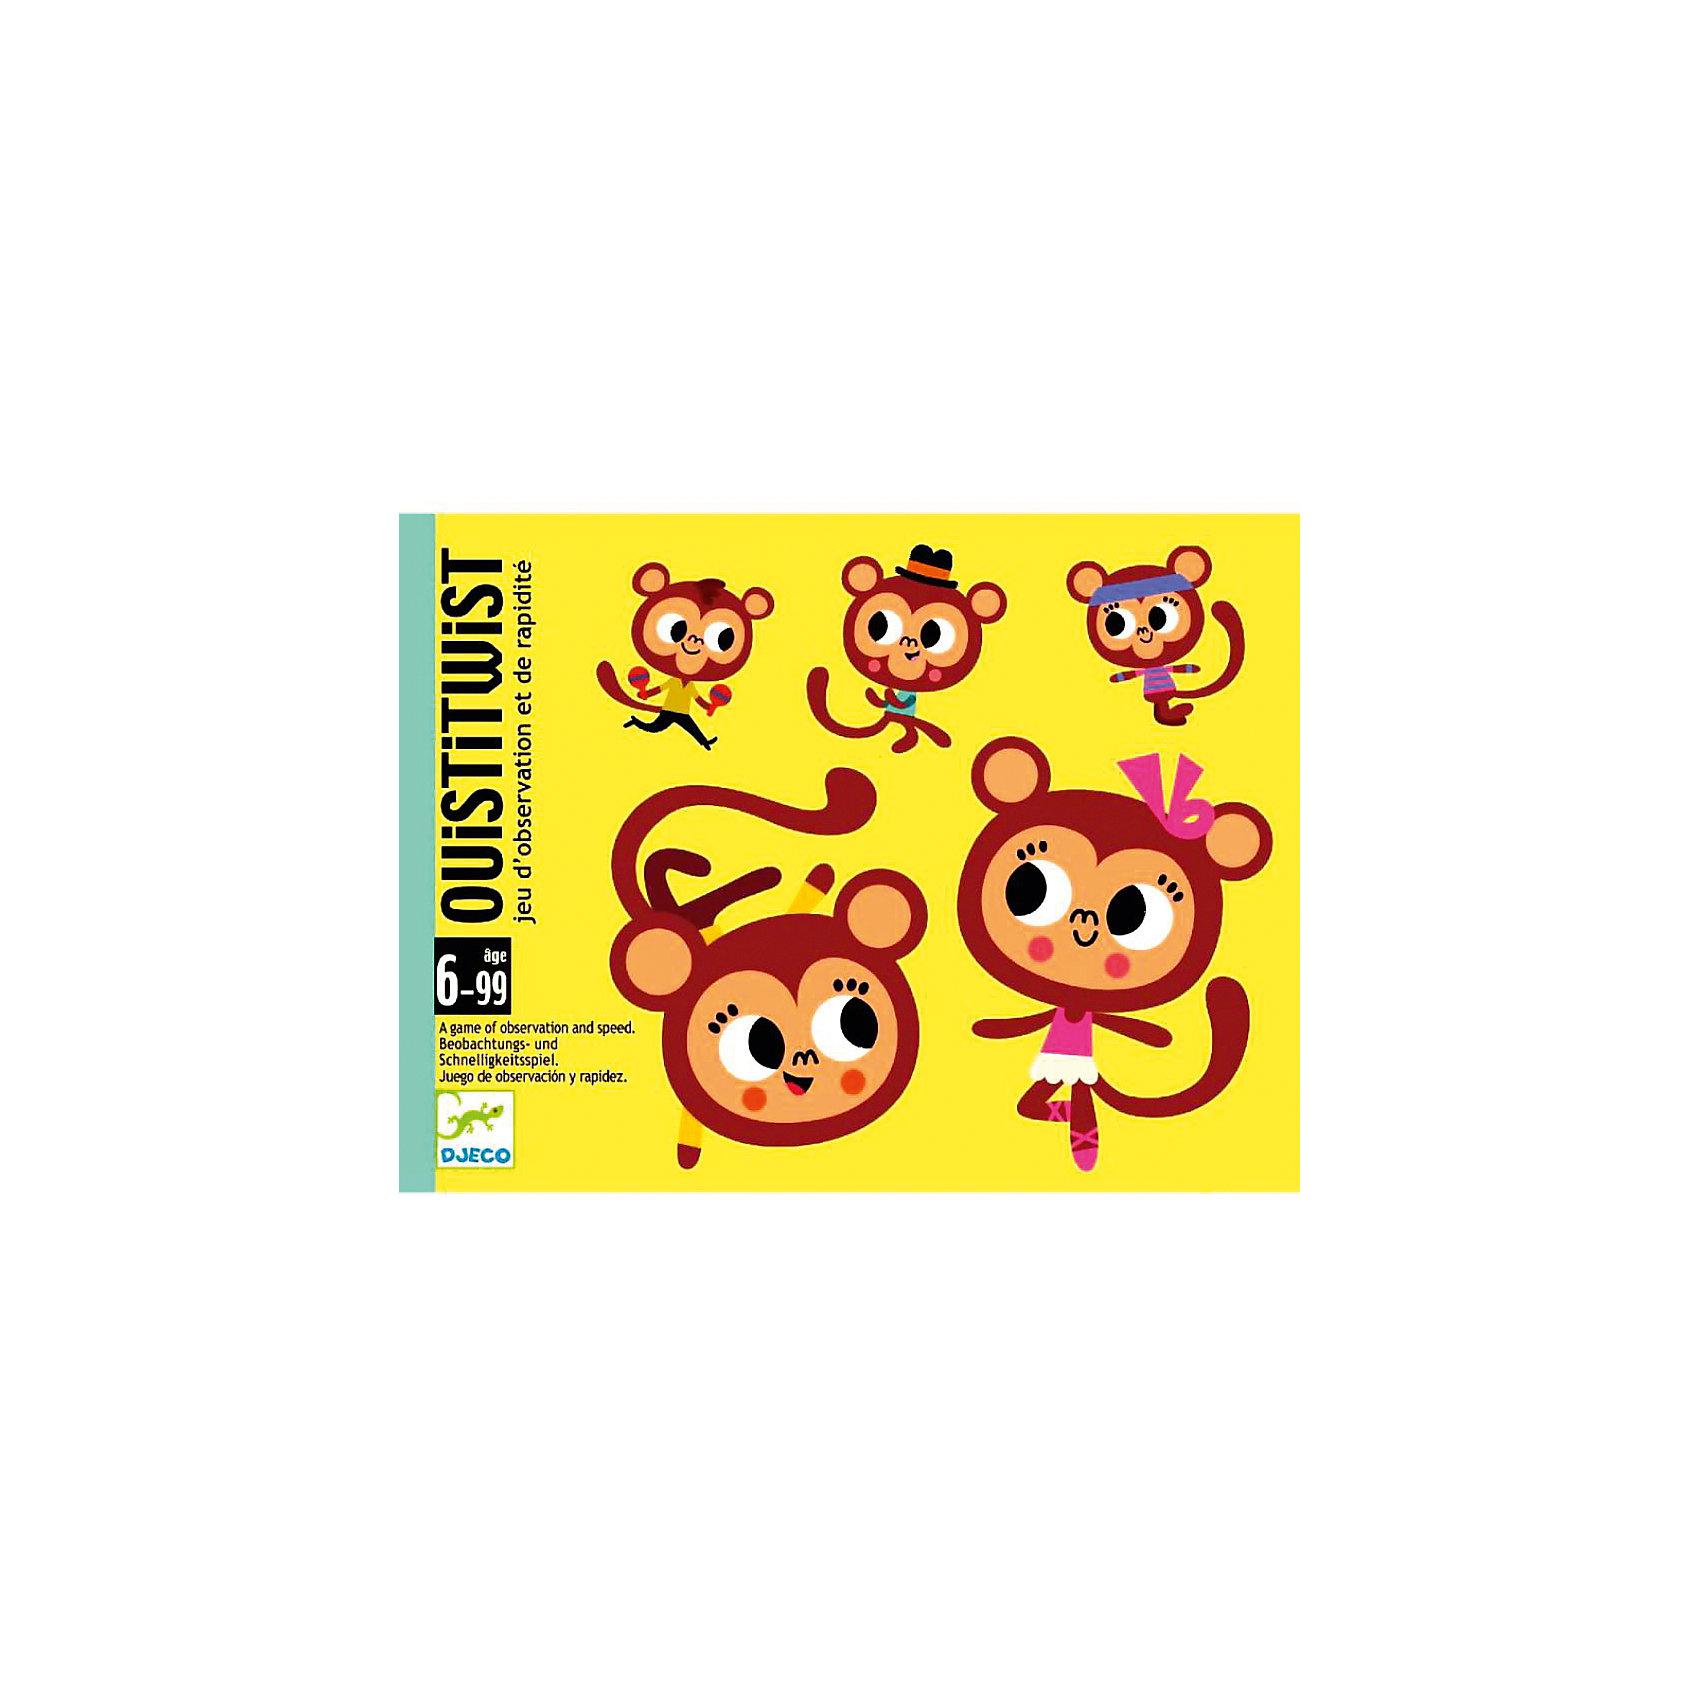 DJECO Карточная игра УистиТвист, DJECO игры для малышей djeco детская настольная карточная игра мини семья